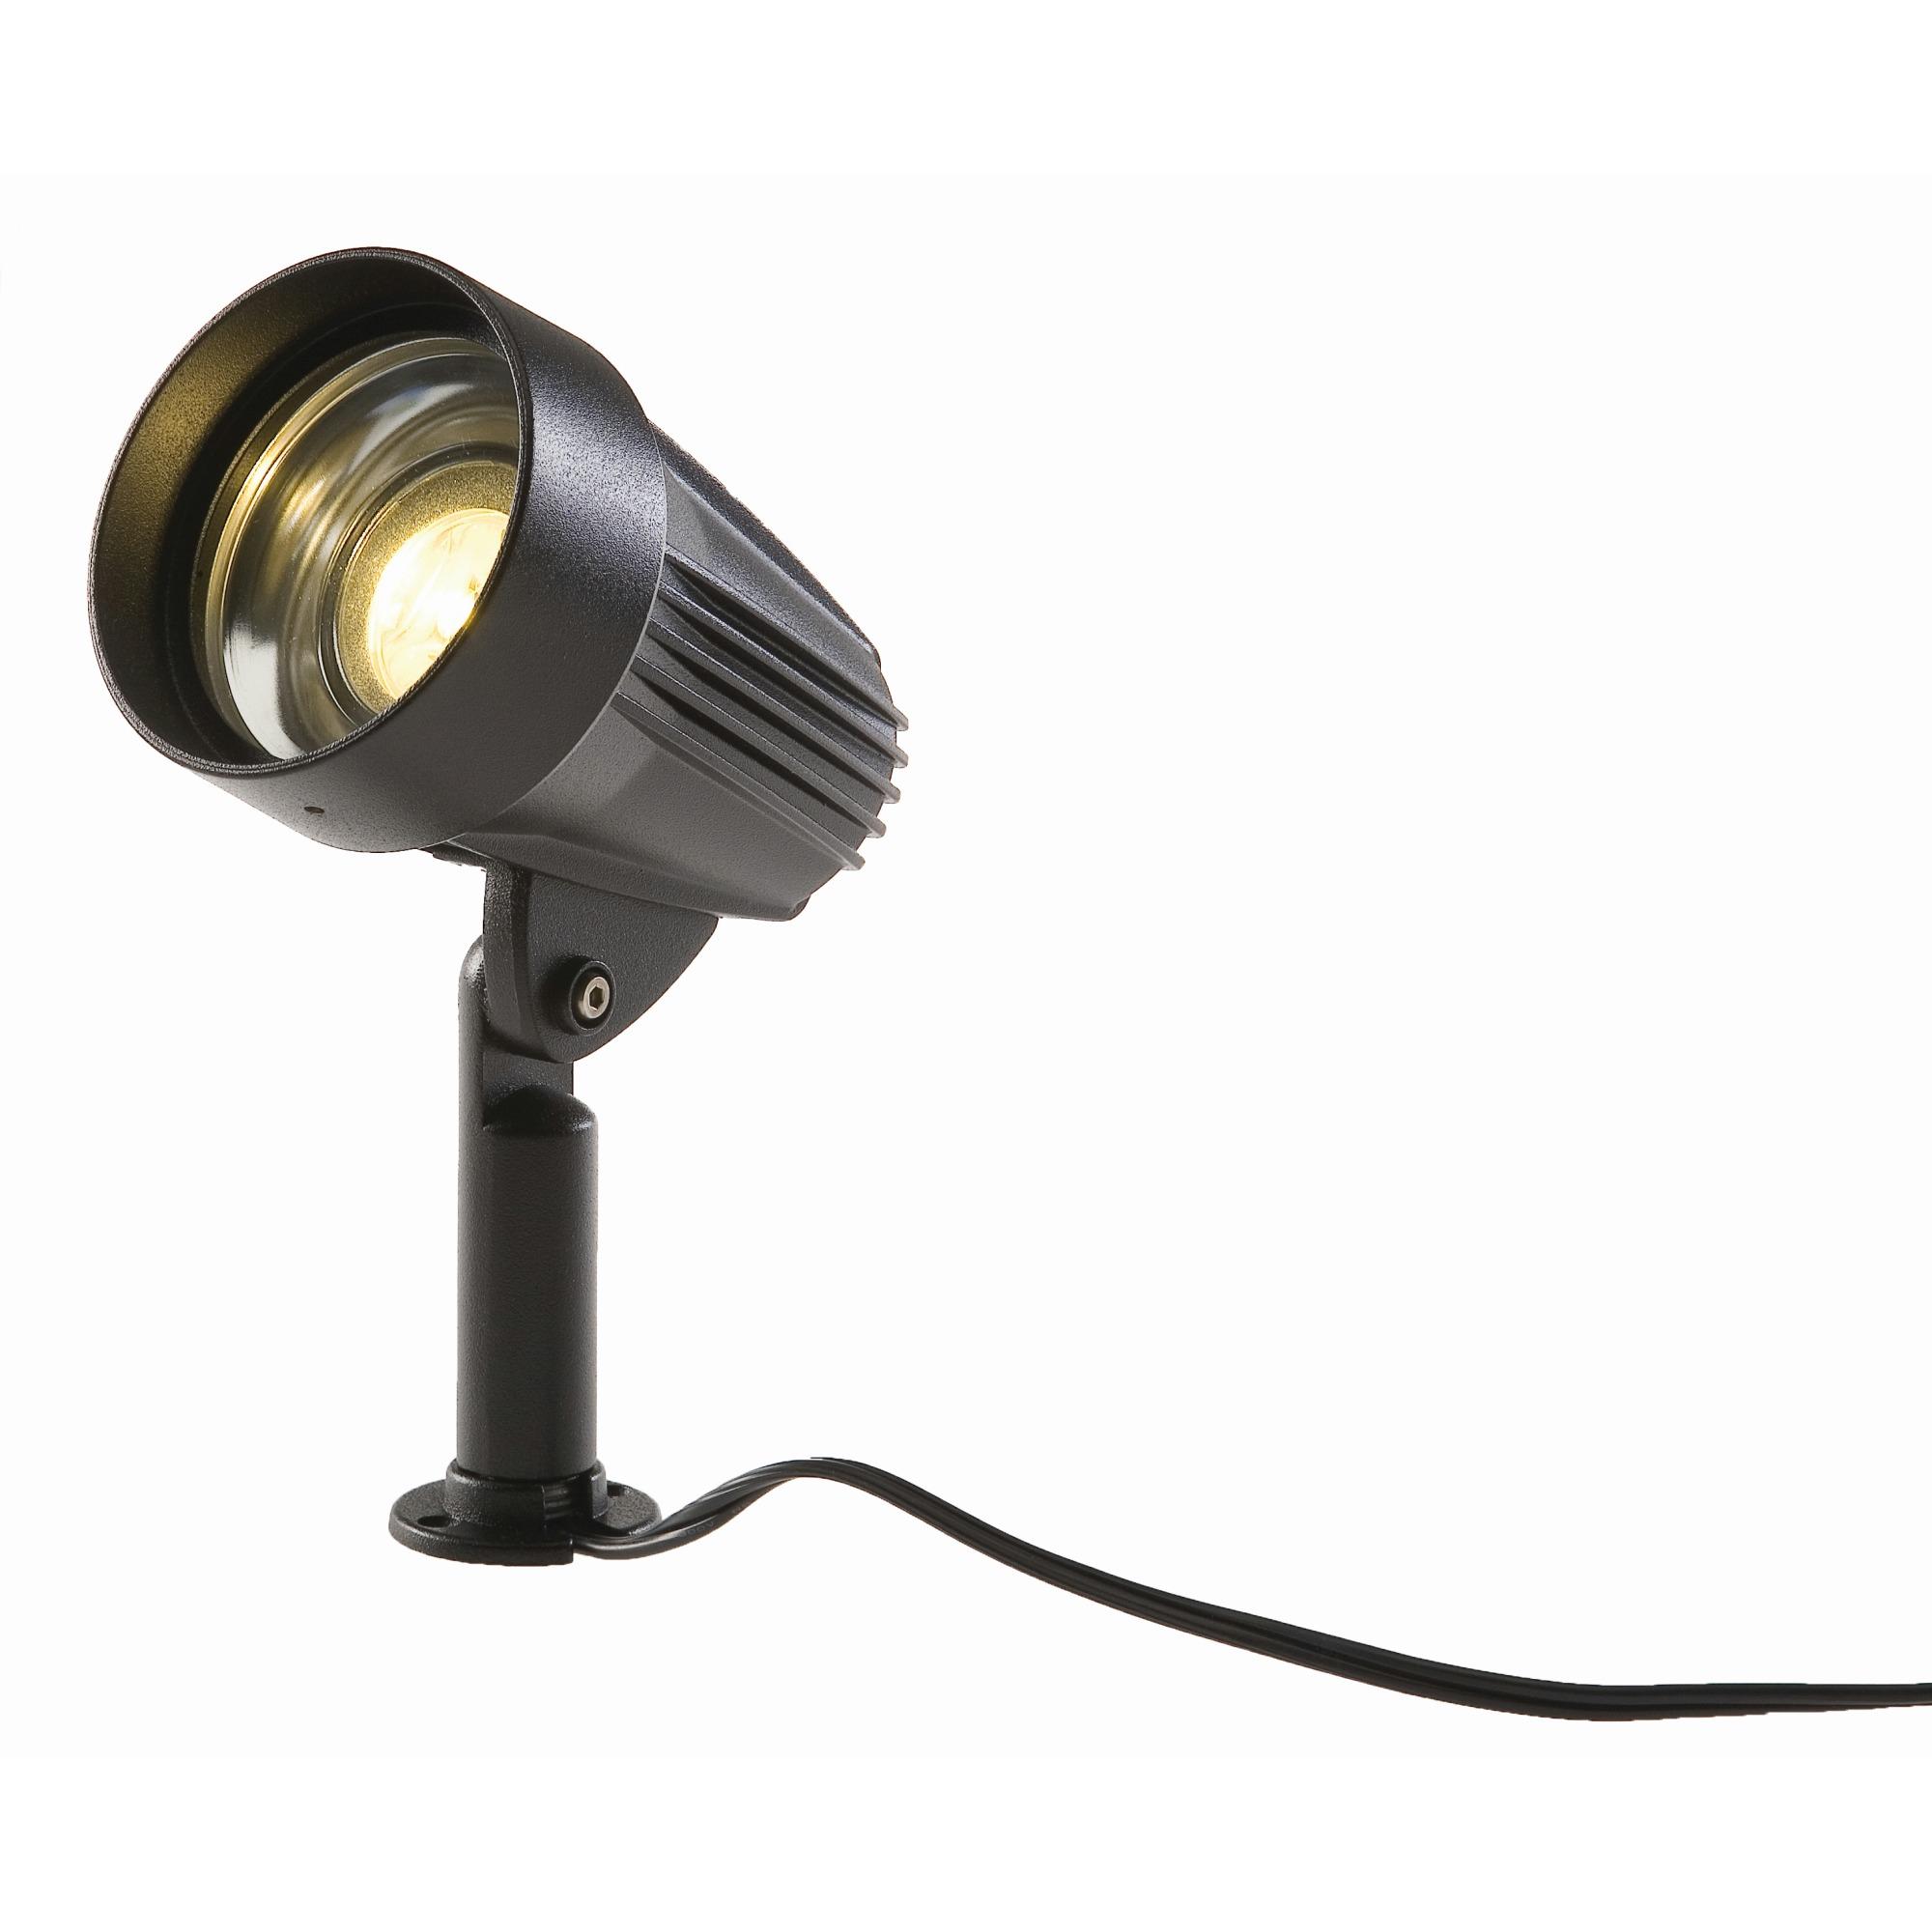 GardenLights 12V opbouwspot led Corvus Gardenlights 3154011